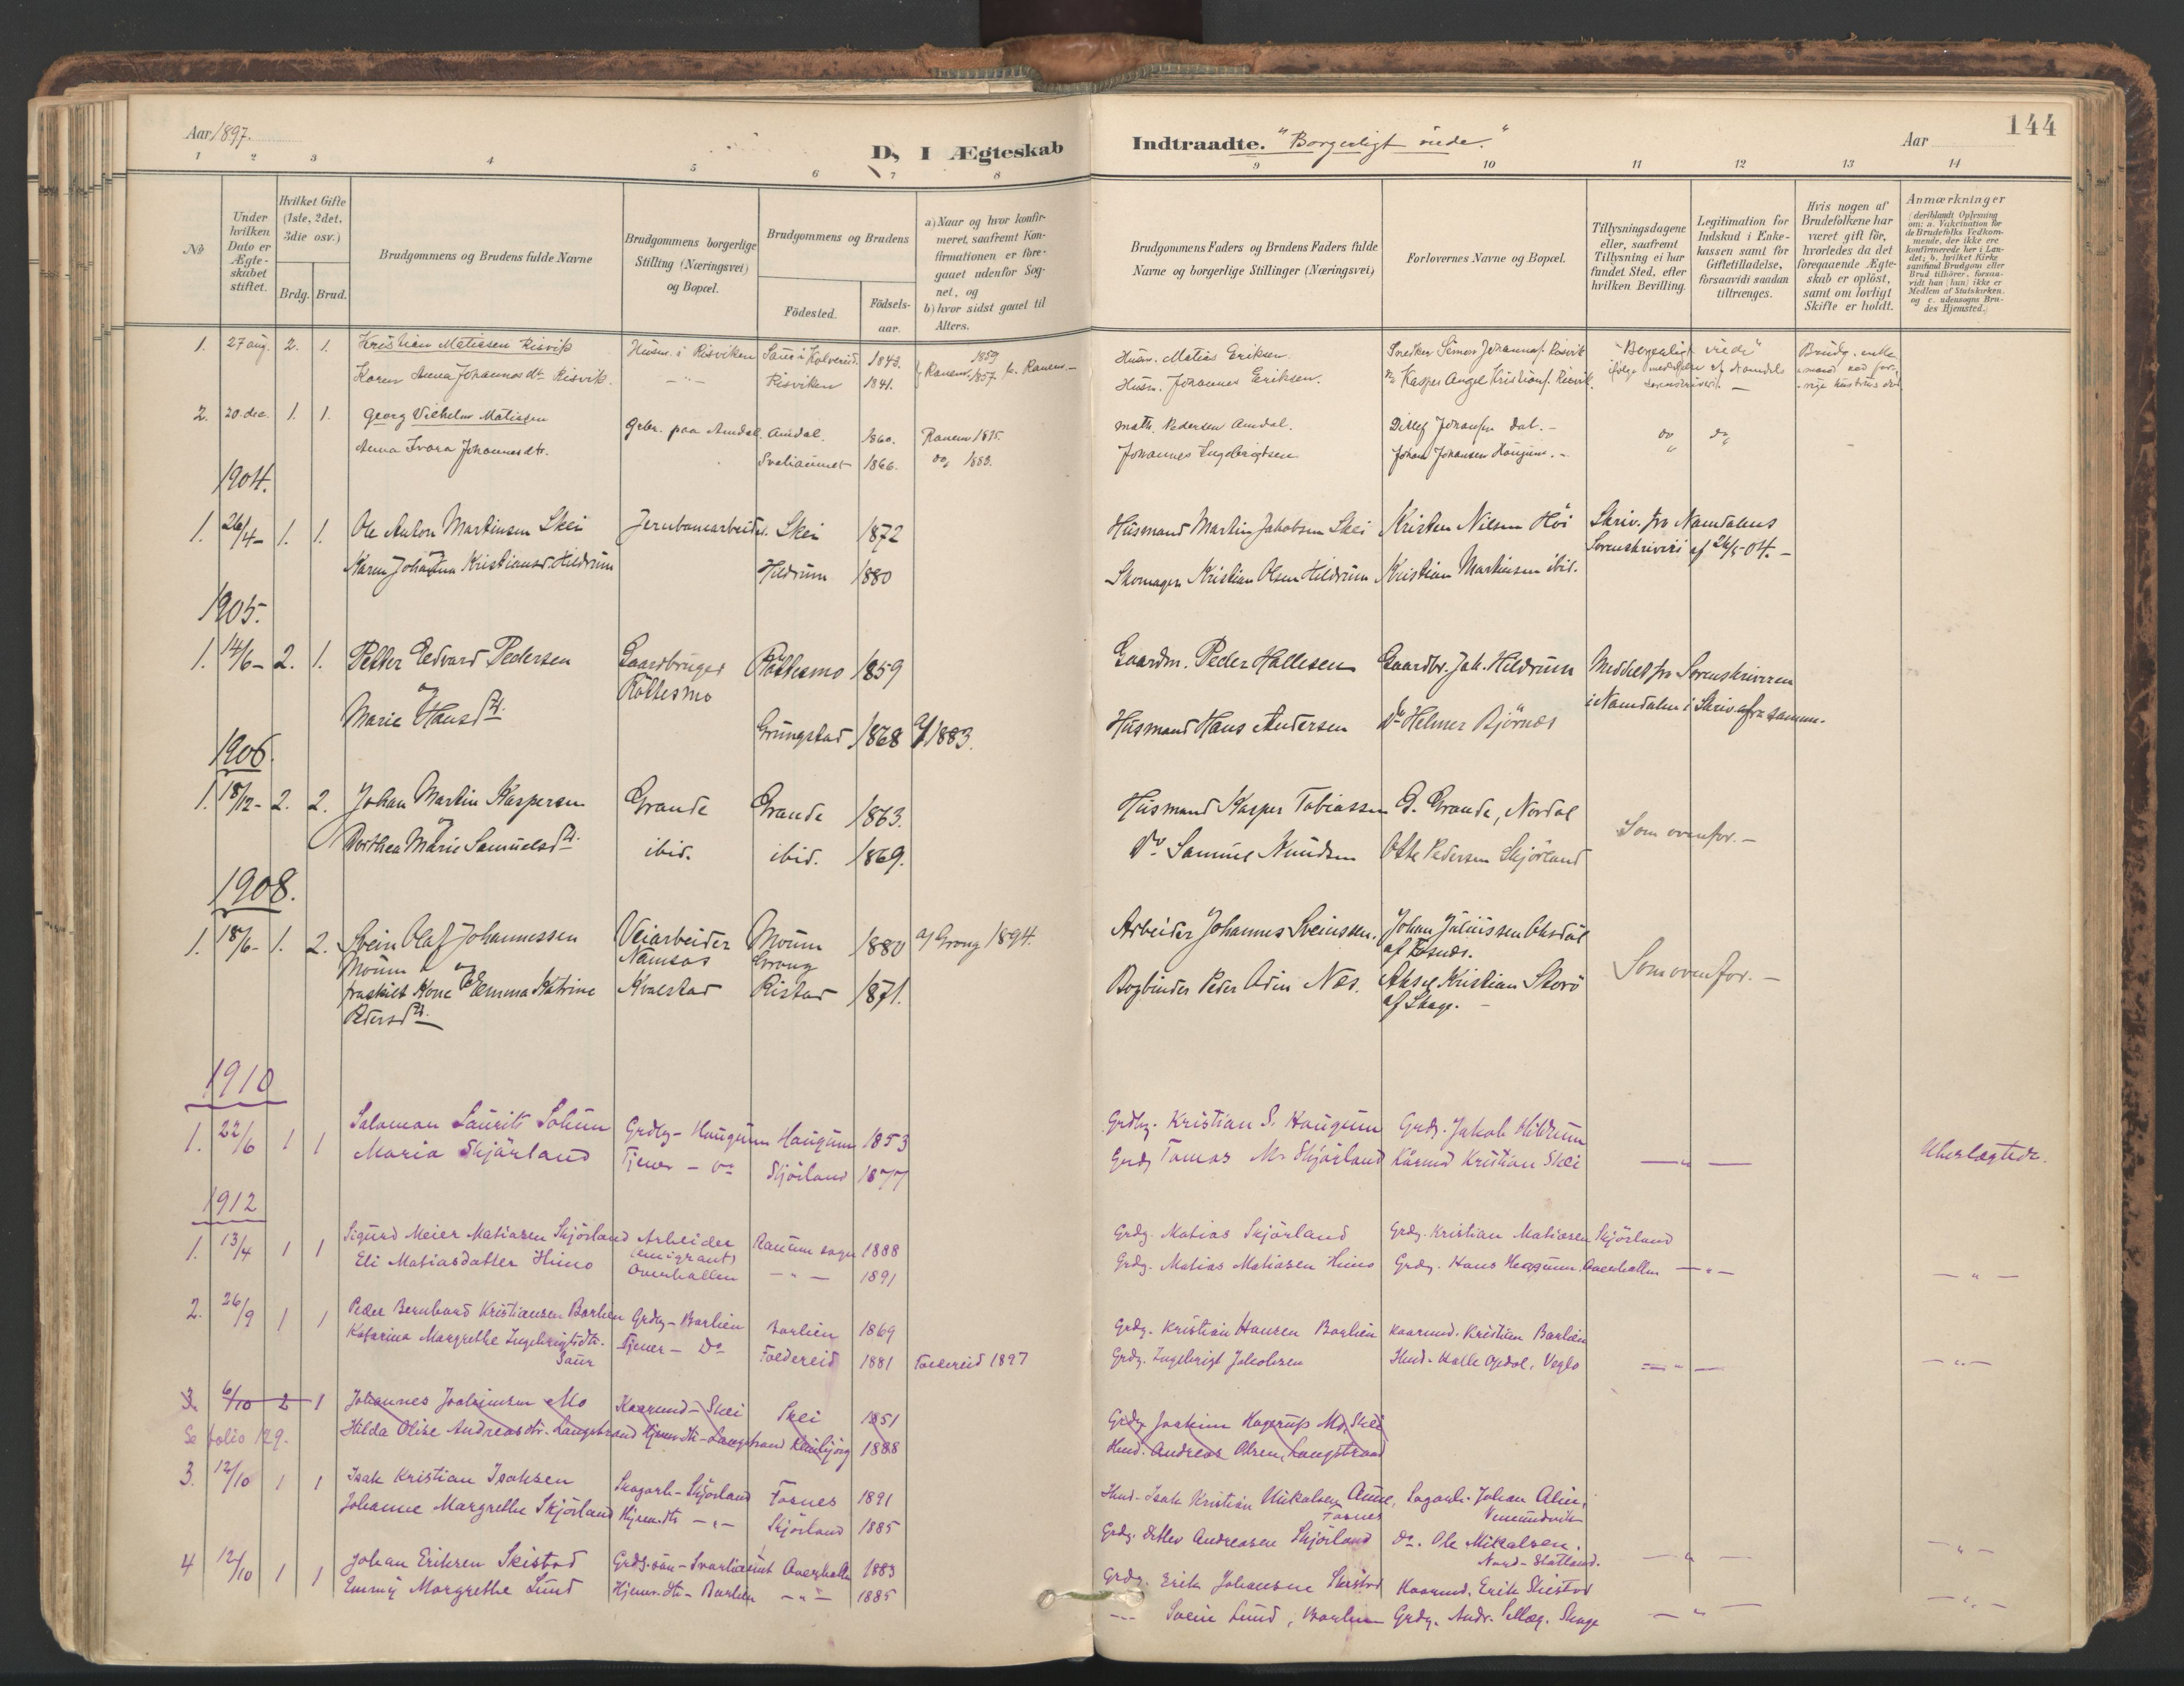 SAT, Ministerialprotokoller, klokkerbøker og fødselsregistre - Nord-Trøndelag, 764/L0556: Ministerialbok nr. 764A11, 1897-1924, s. 144